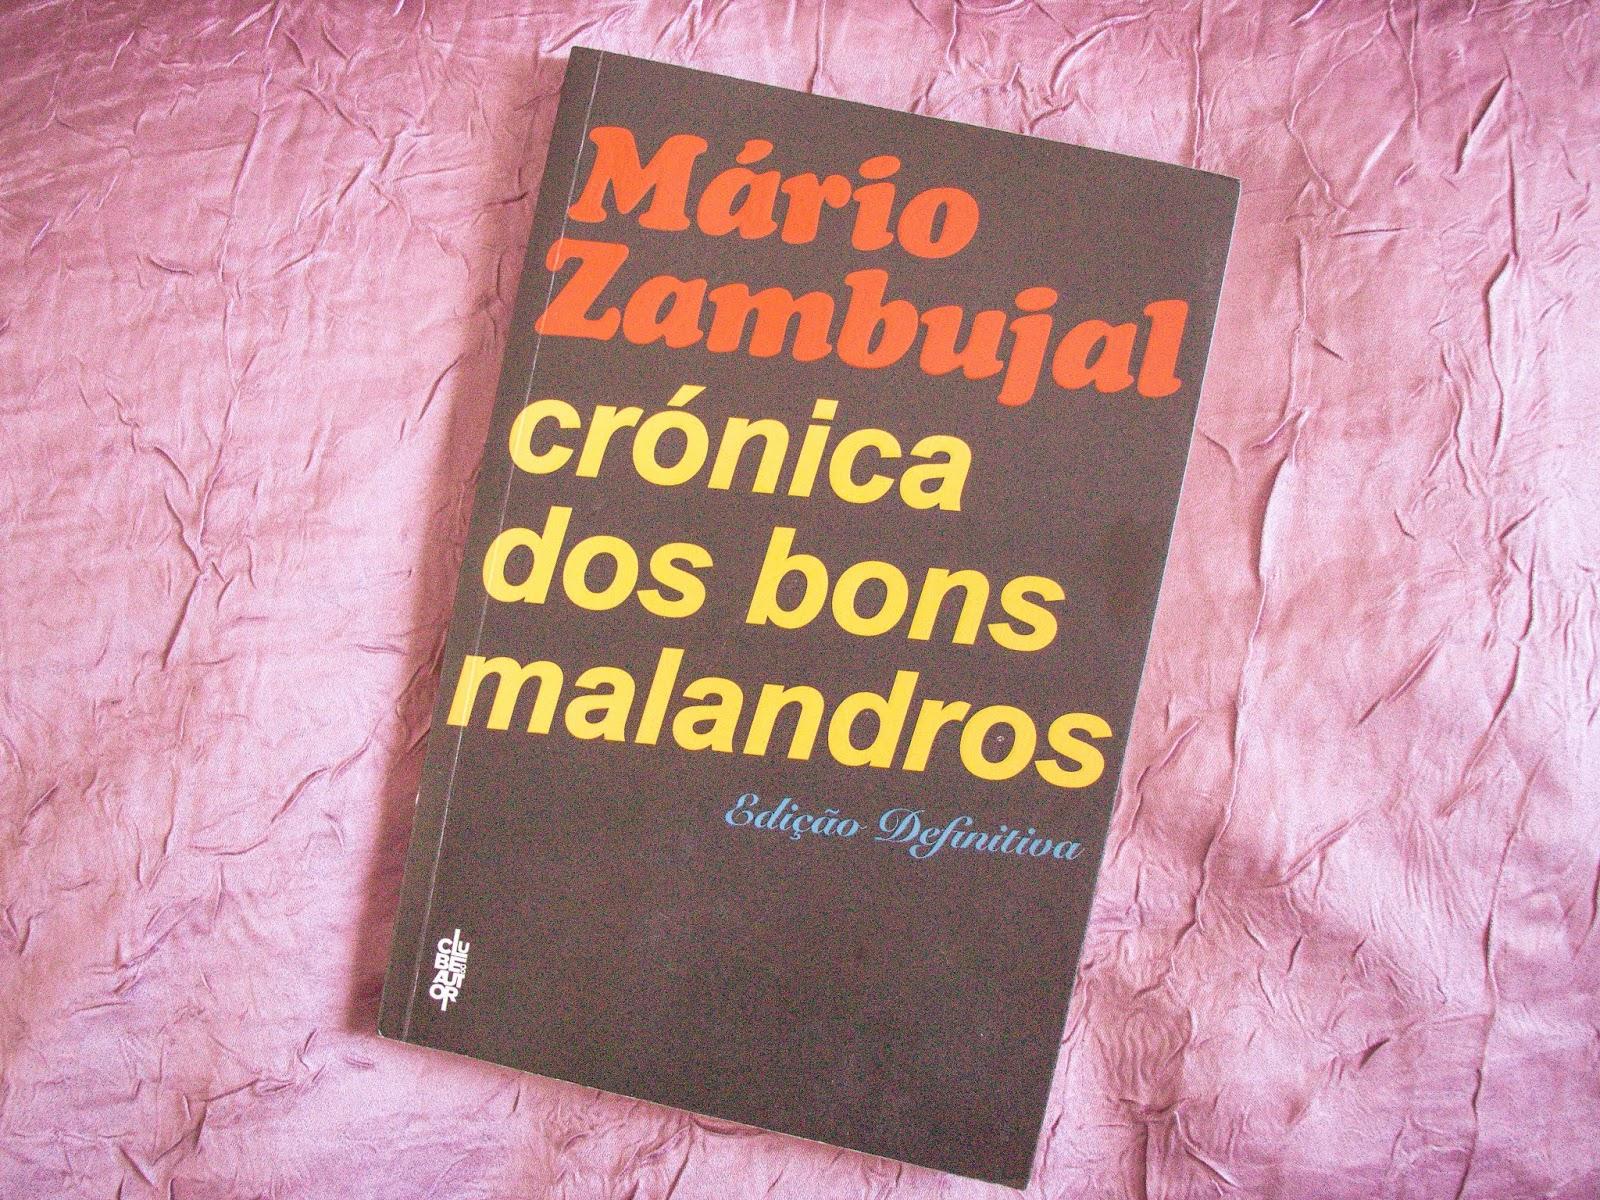 """Review: """"Crónica dos bons malandros"""" - Mário Zambujal"""